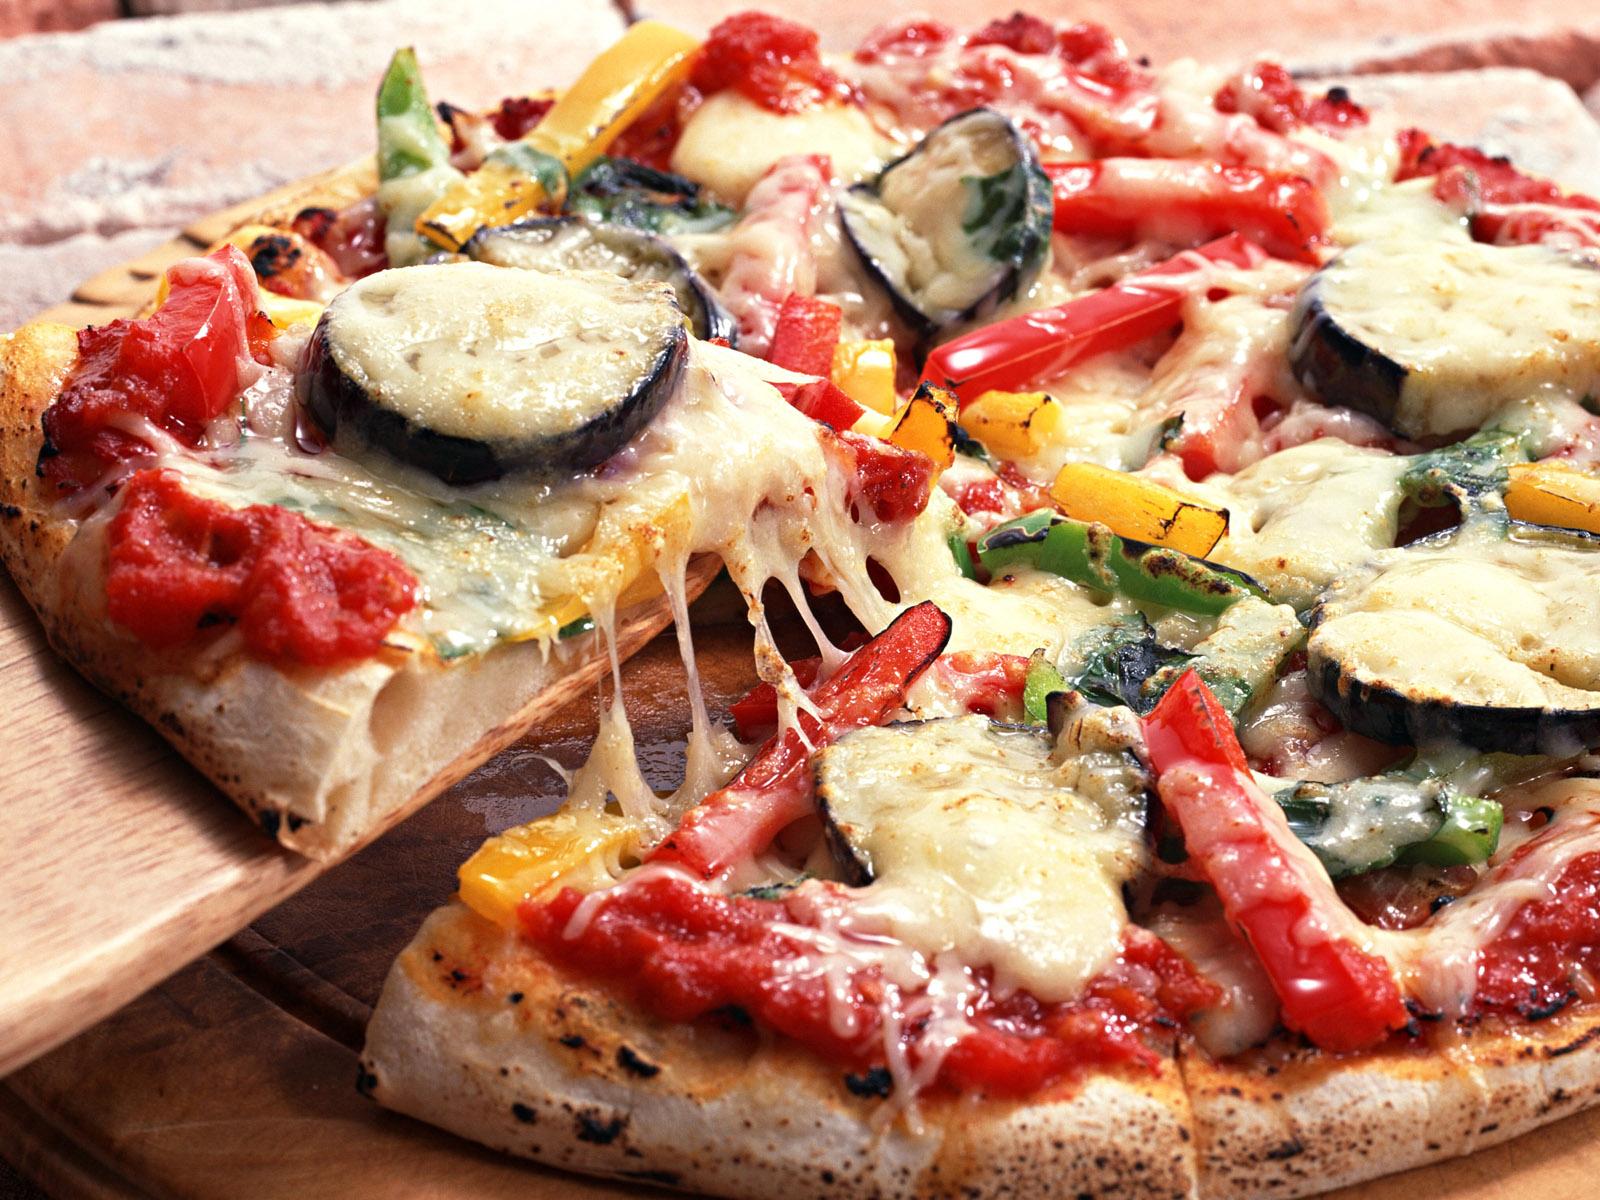 Foodpizzahotpizzacheese012861